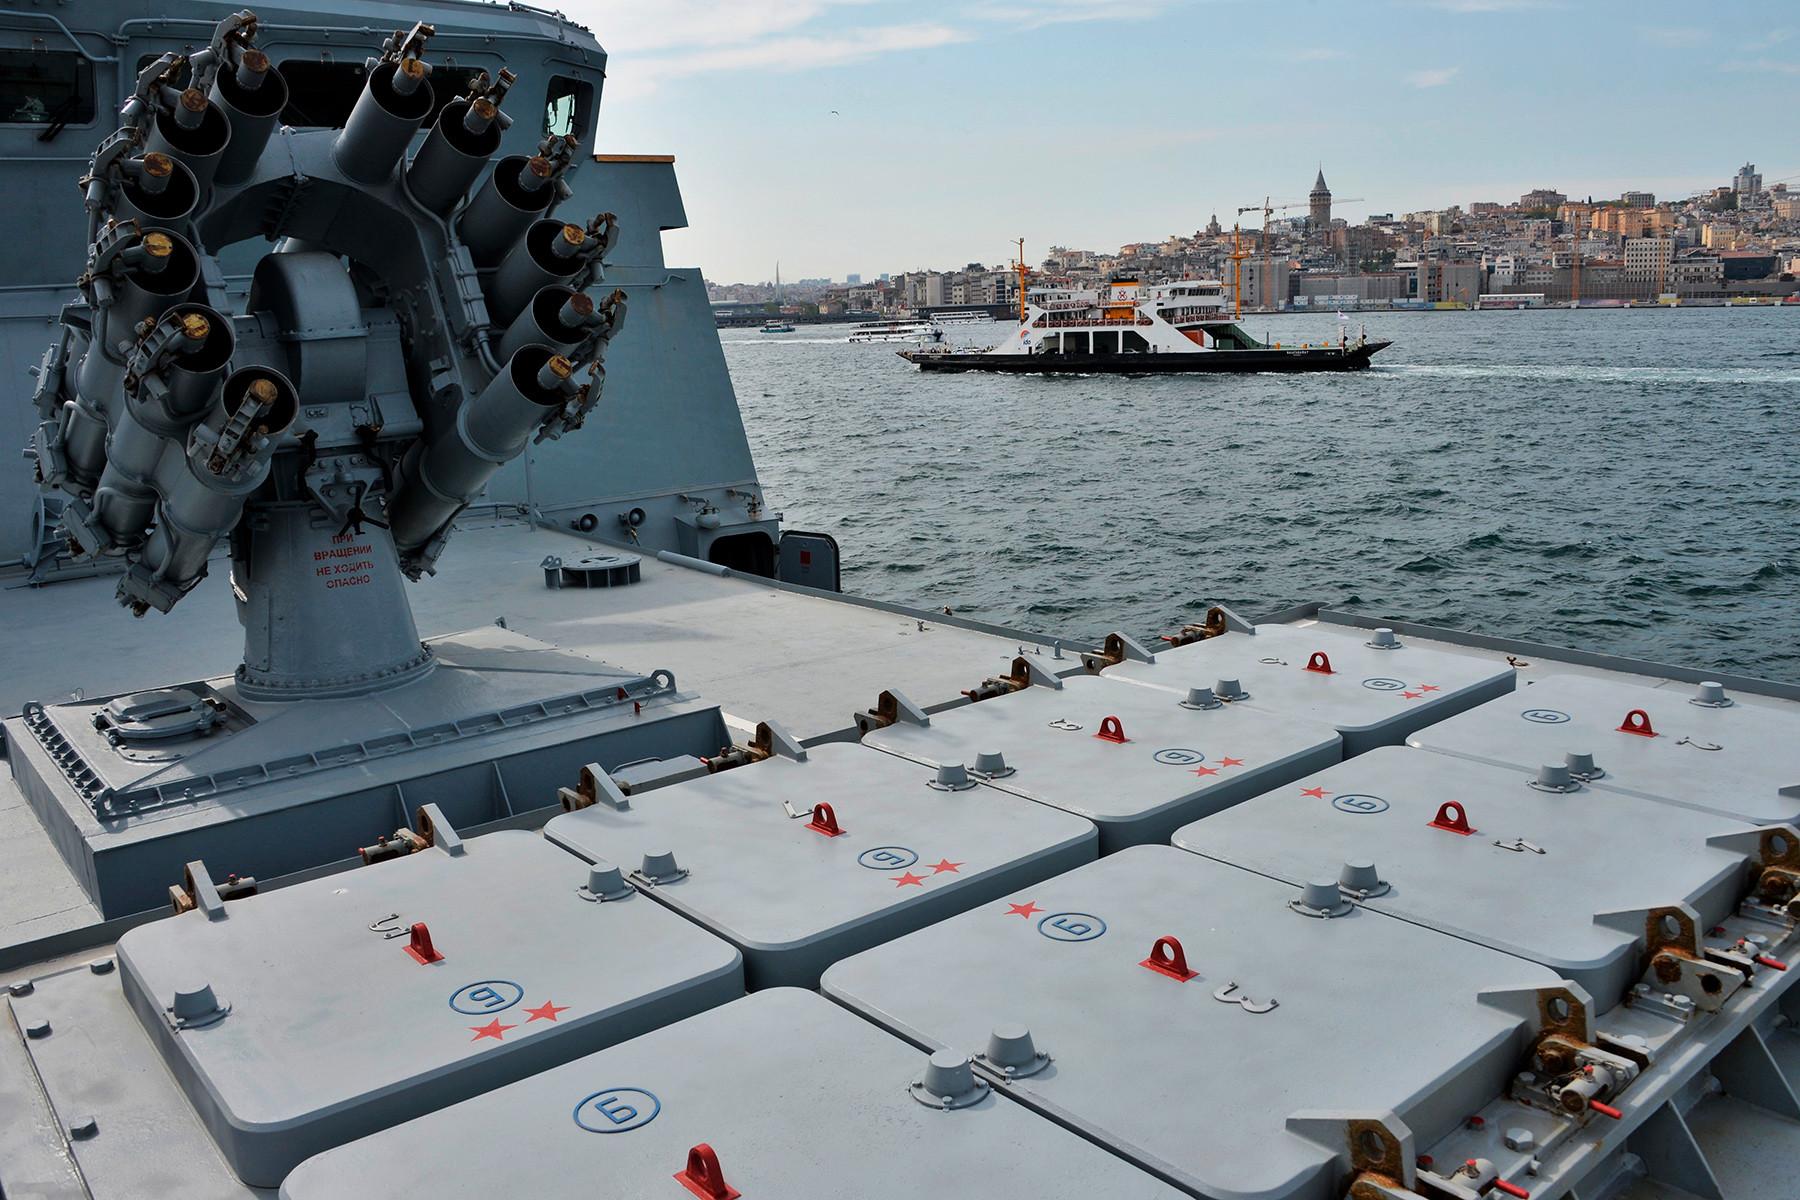 イスタンブールで行われた国際軍事産業展覧会 IDEF-2019で紹介された巡航ミサイル「カリブル」のロケットランチャーと対潜迫撃砲RBU-6000 スメルチ-2。1136型警備艦「アドミラル・エッセン」に掲載されている。